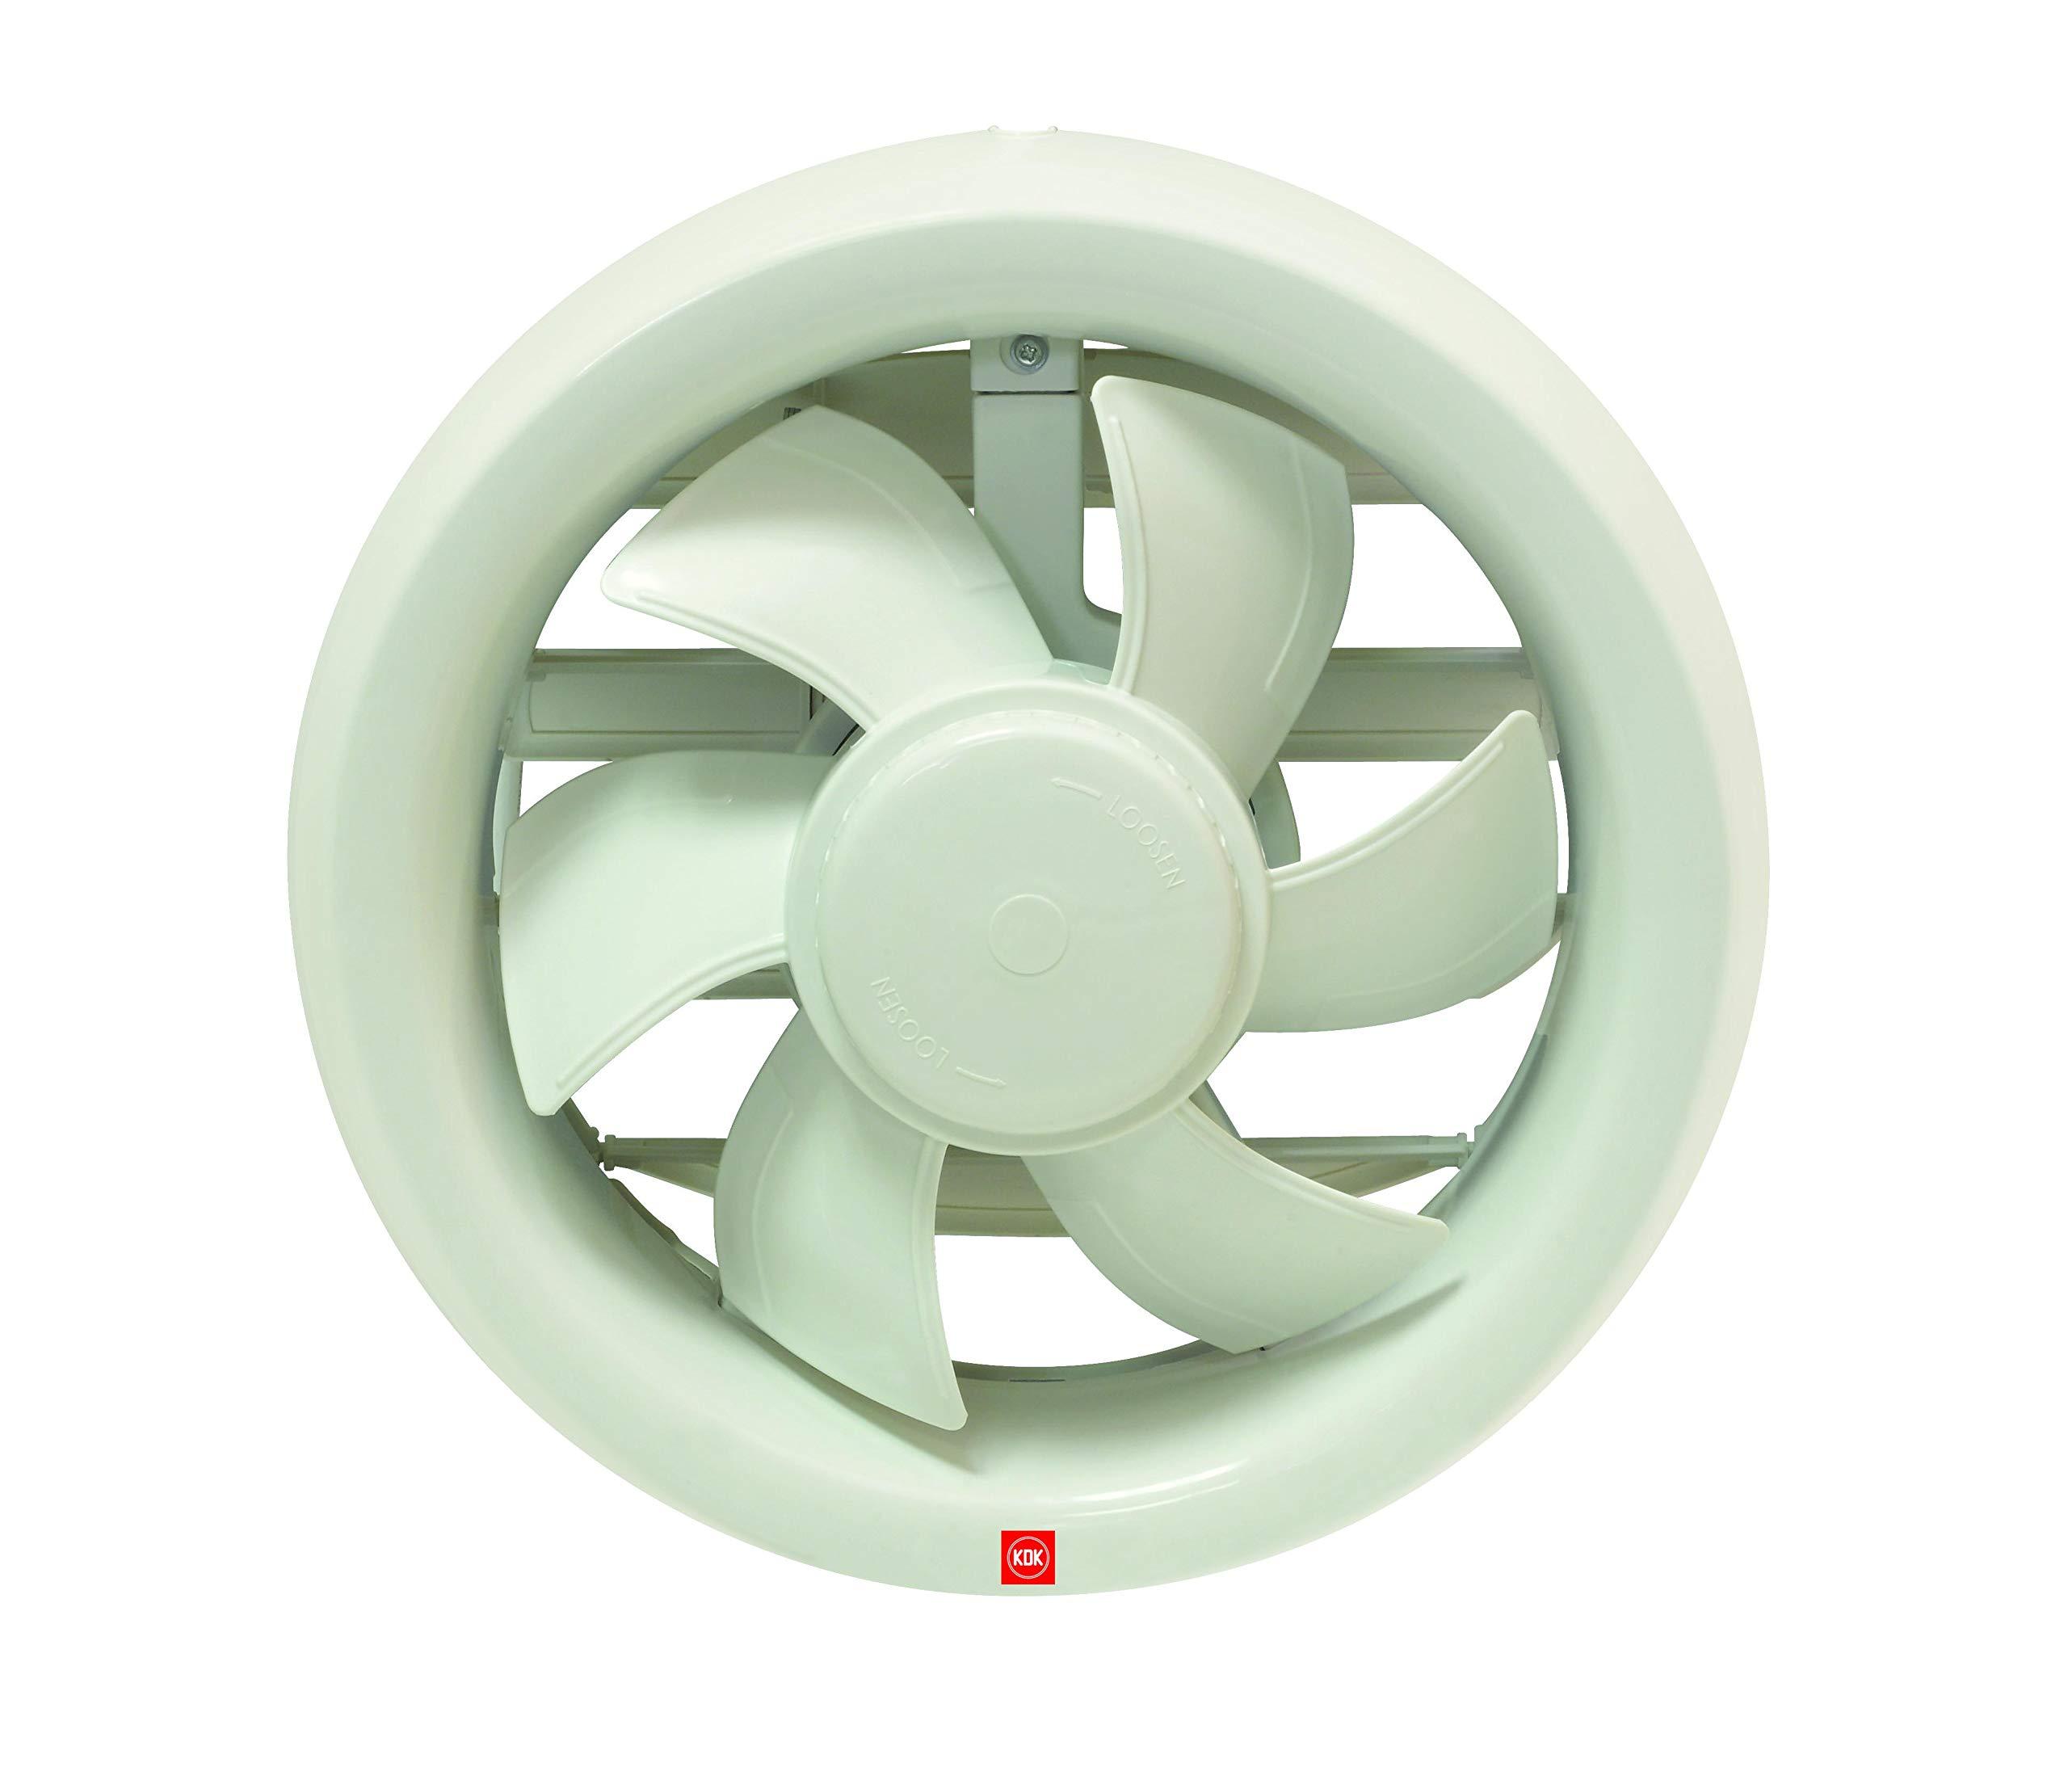 Kdk Window Mount Exhaust Fan (6 Inch Diameter)